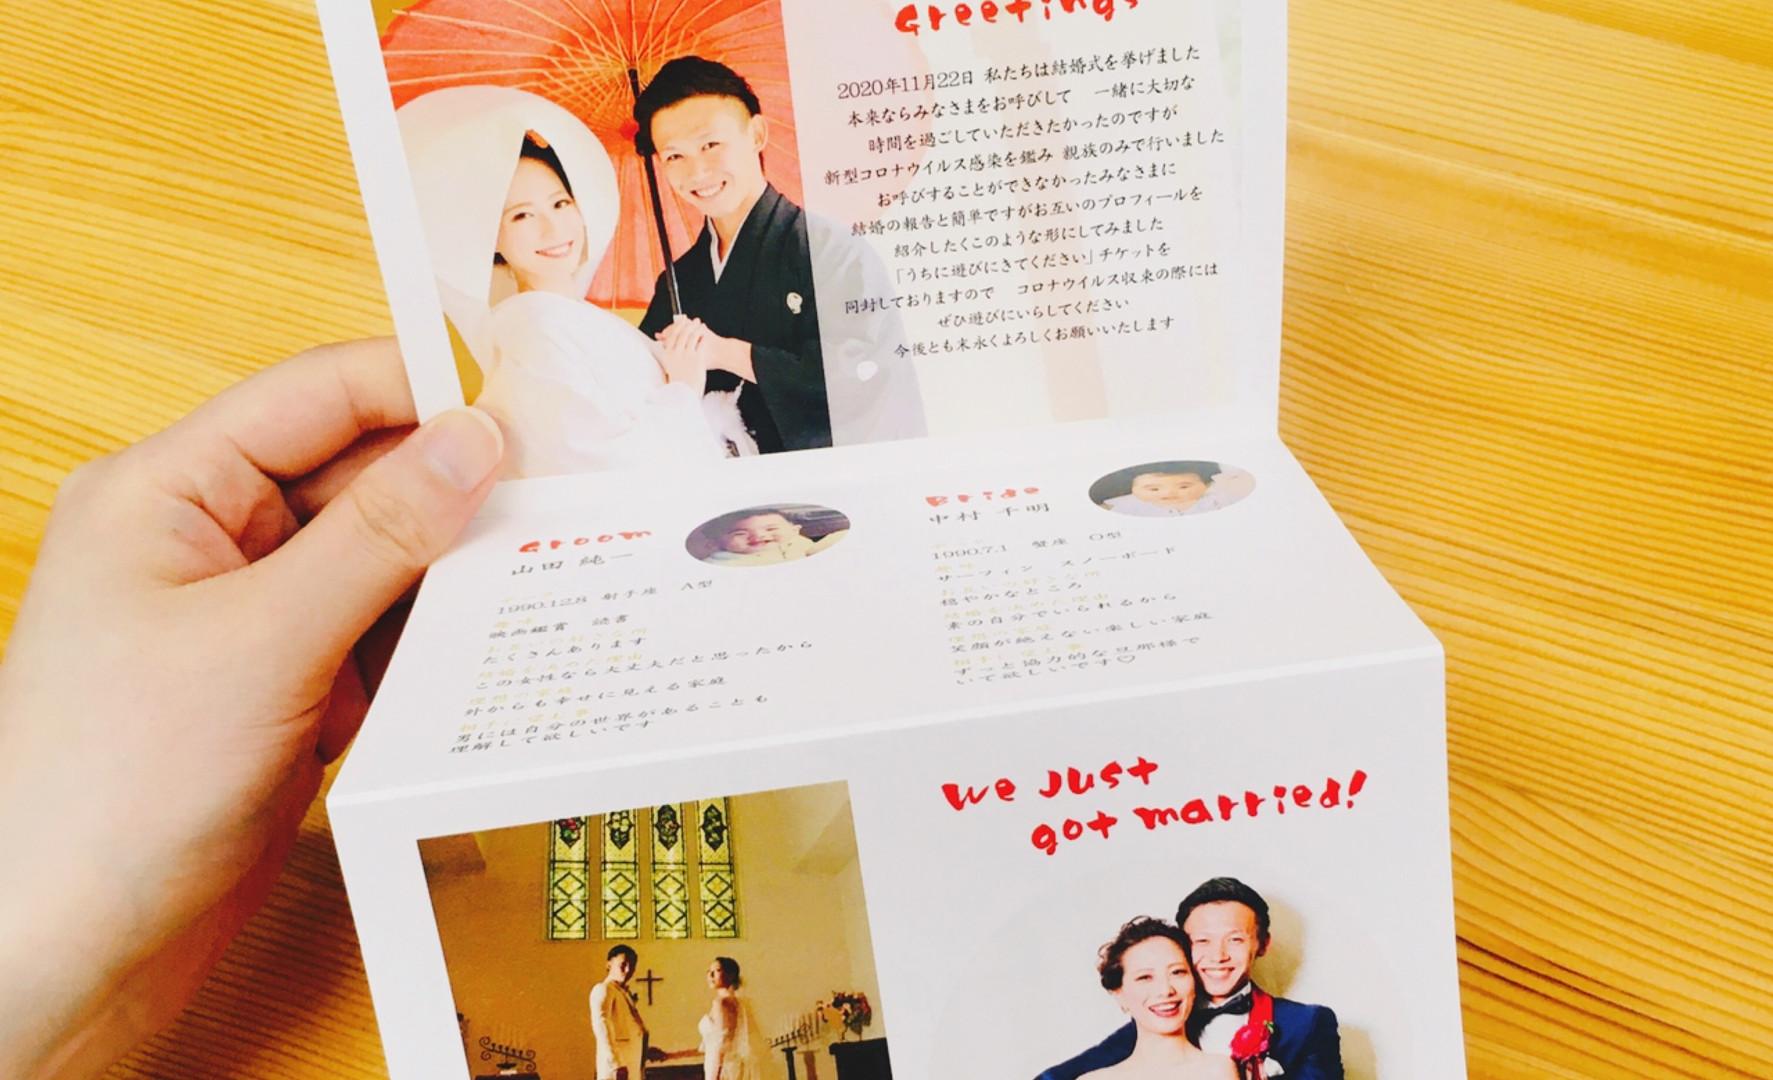 手持ち Just married デザイン9-D-3.jpg